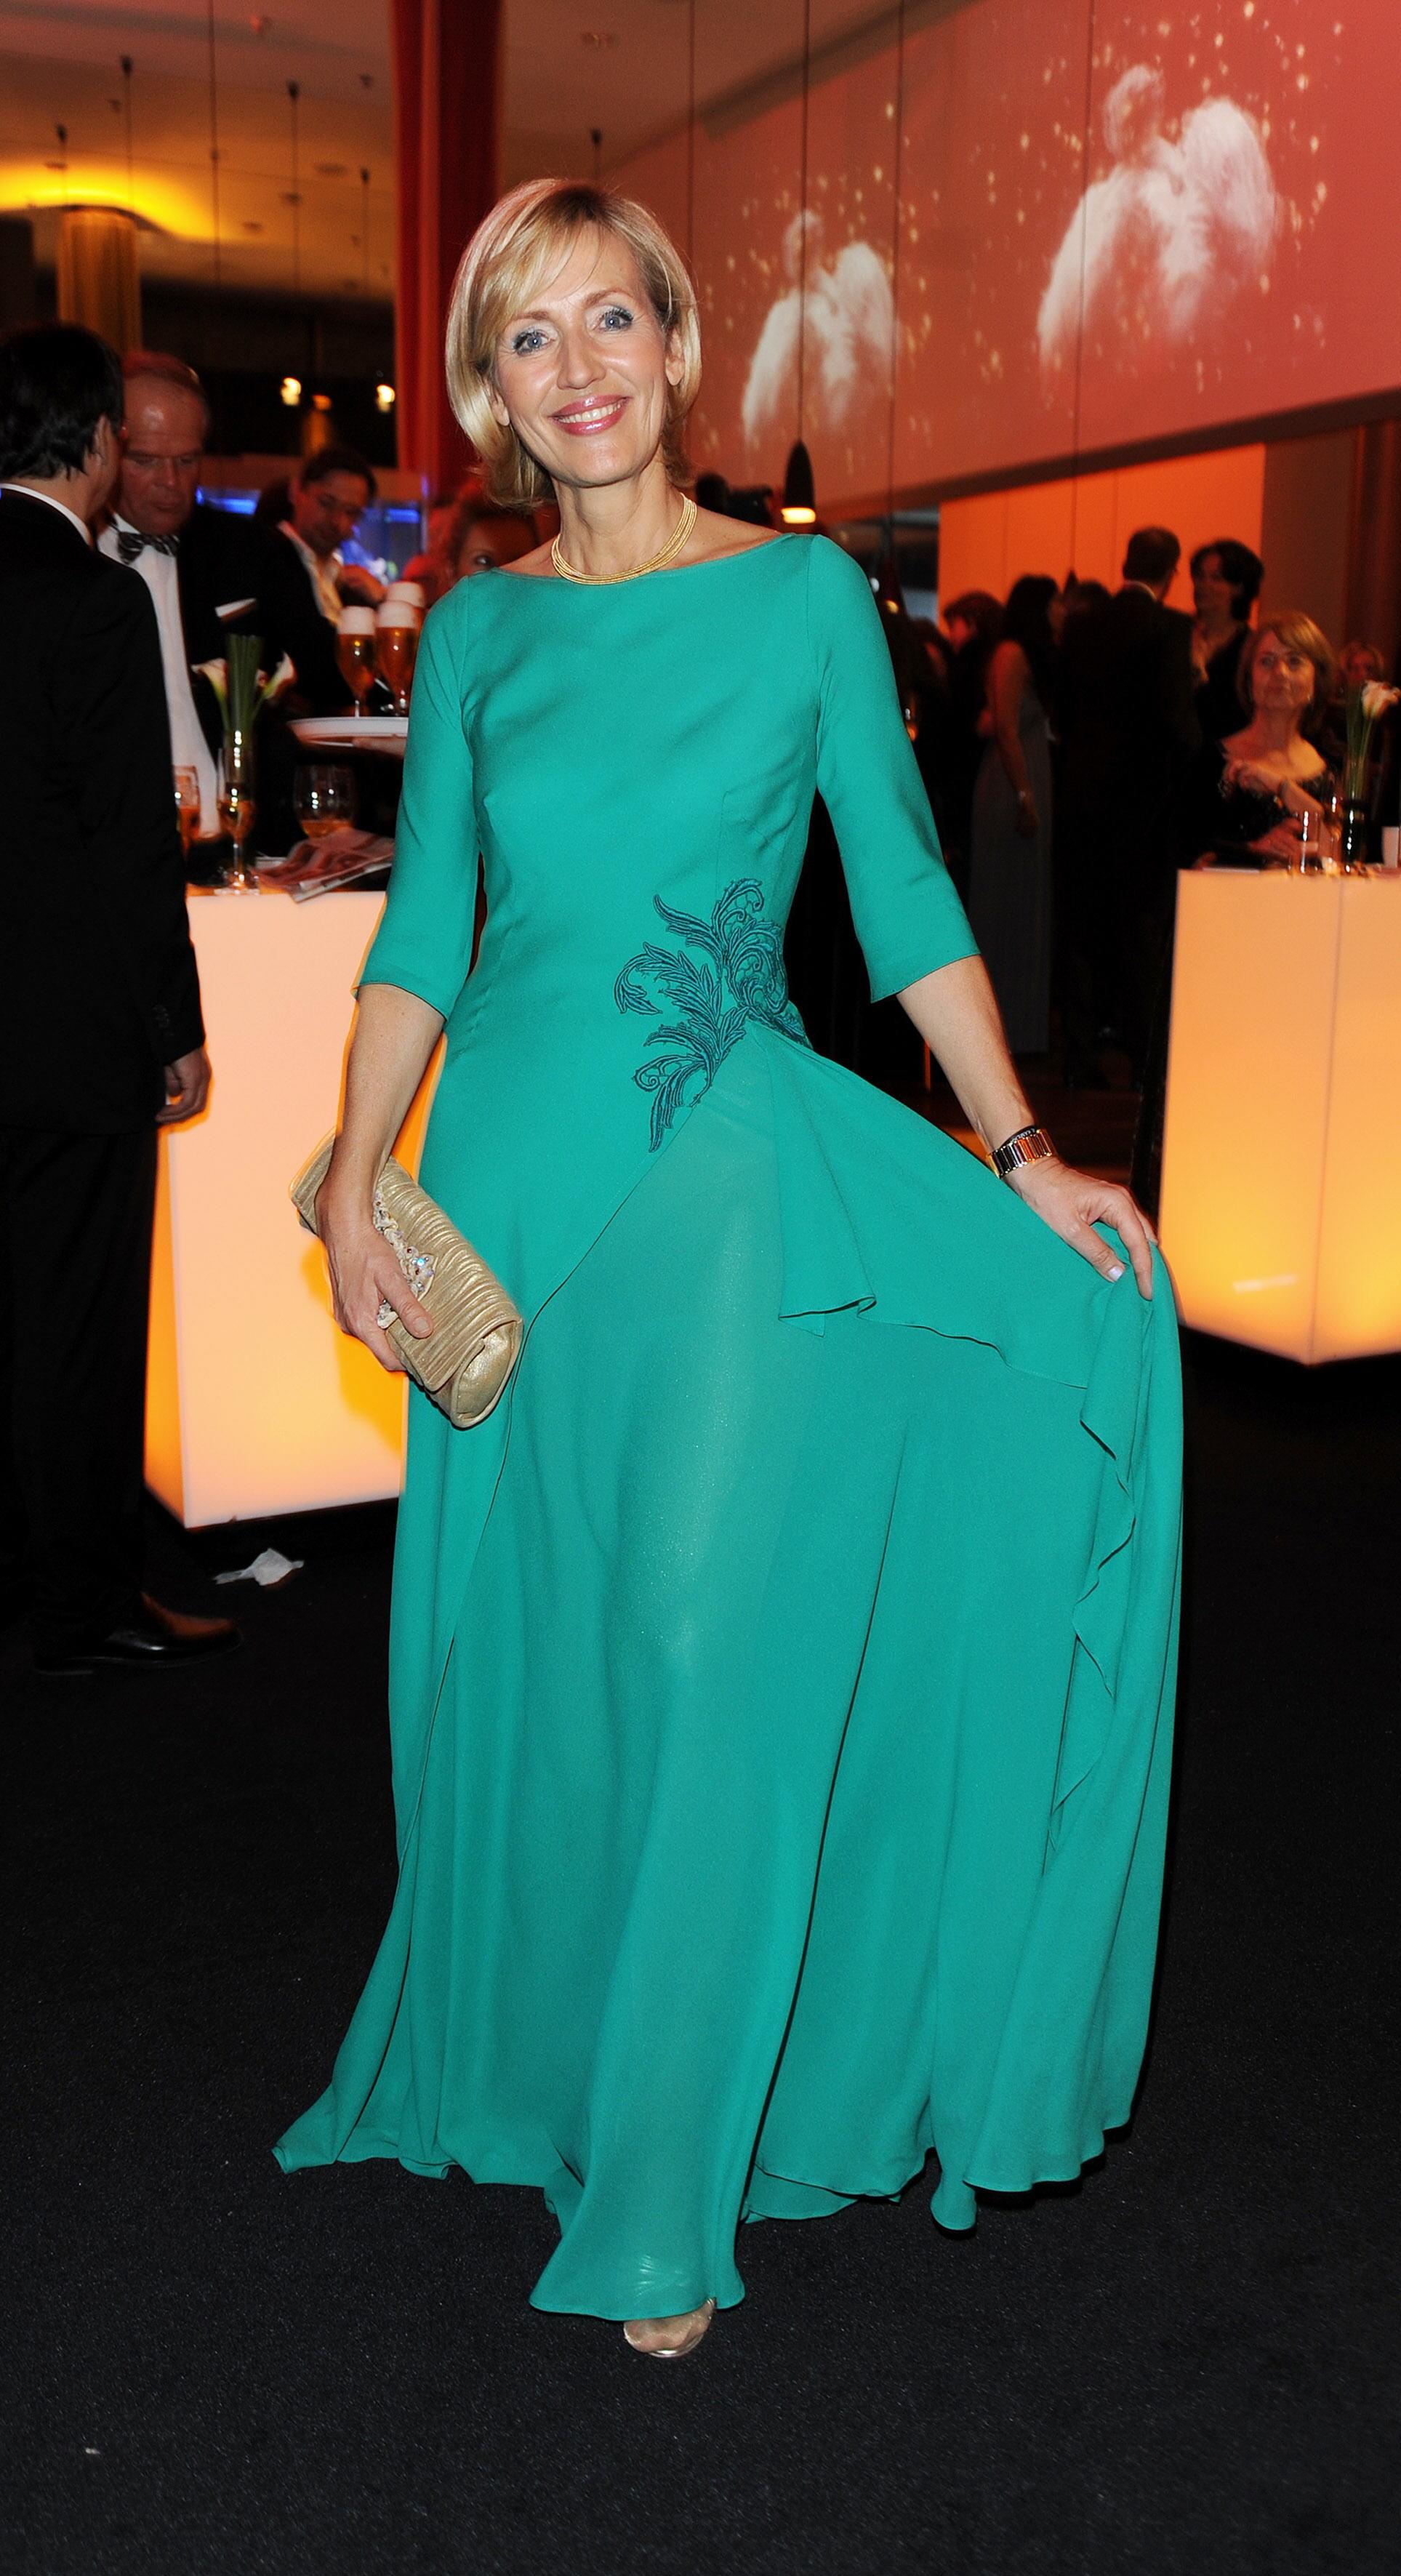 Image Result For Lindsay Lohan Imdb